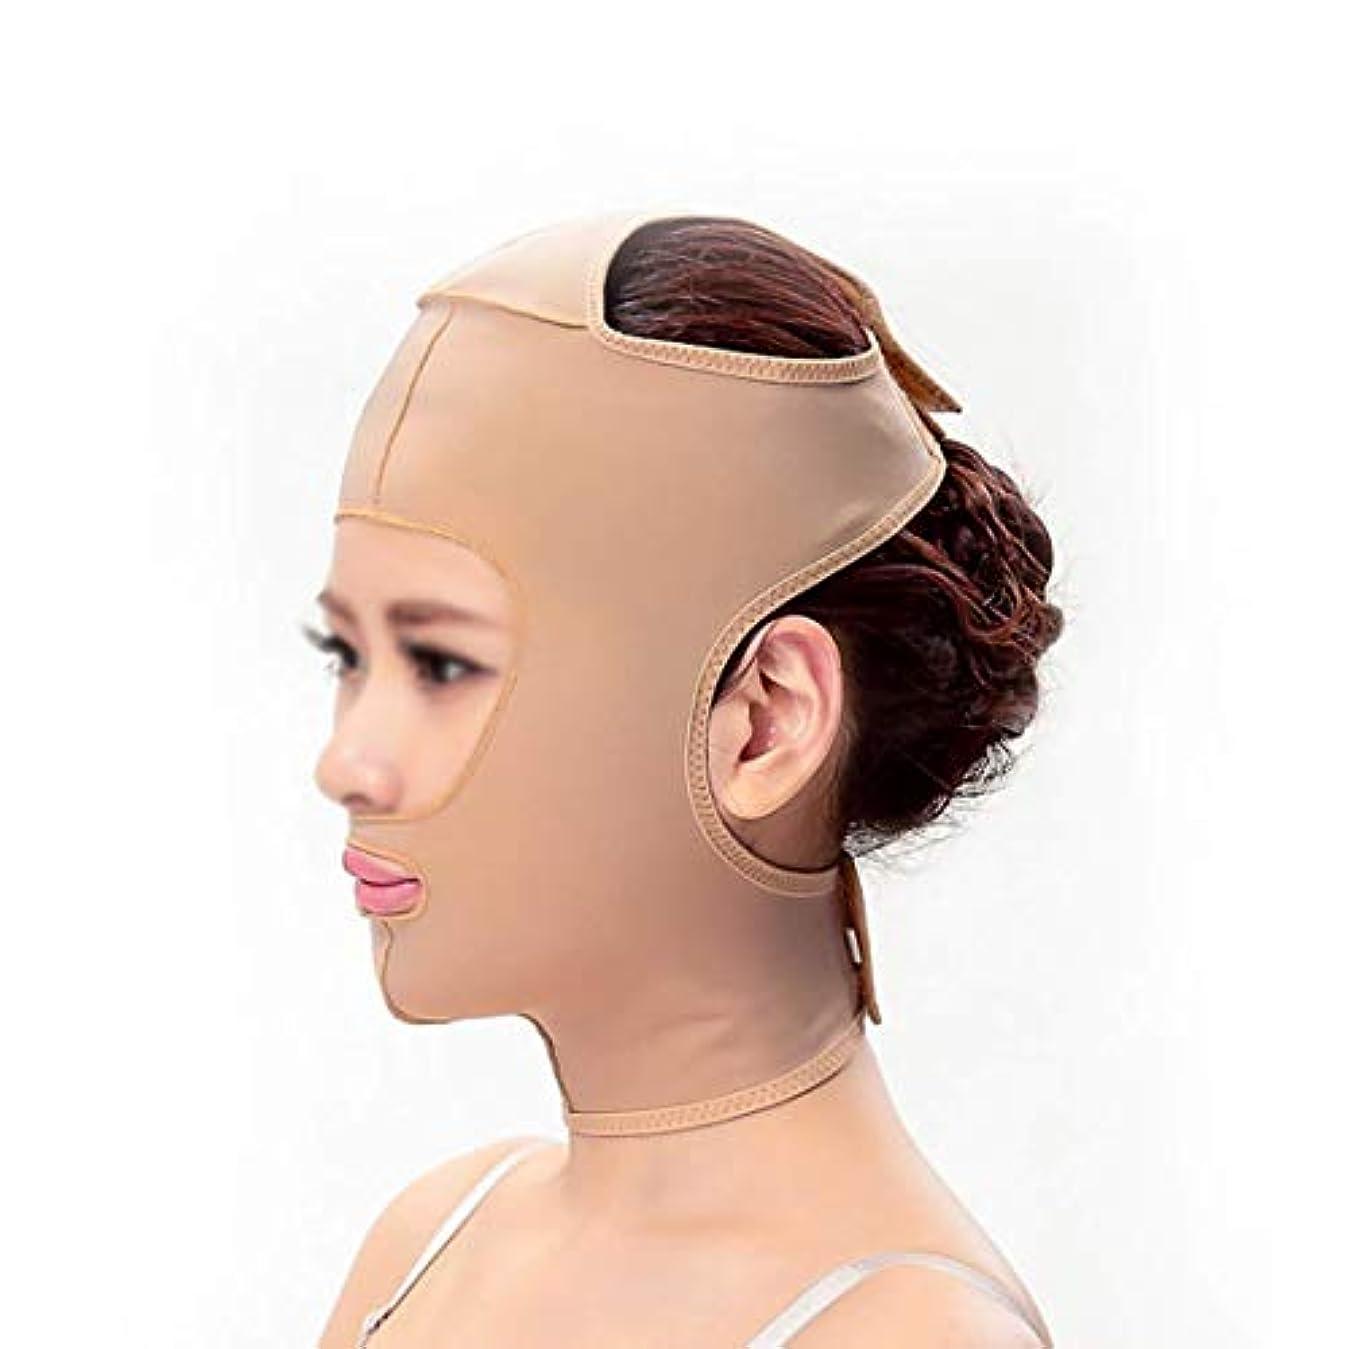 穿孔する多様体小川スリミングベルト、二重あごの引き締め顔面プラスチックフェイスアーティファクト強力なフェイスバンデージをサイズアップするために顔面マスクシンフェイスマスク,Xl